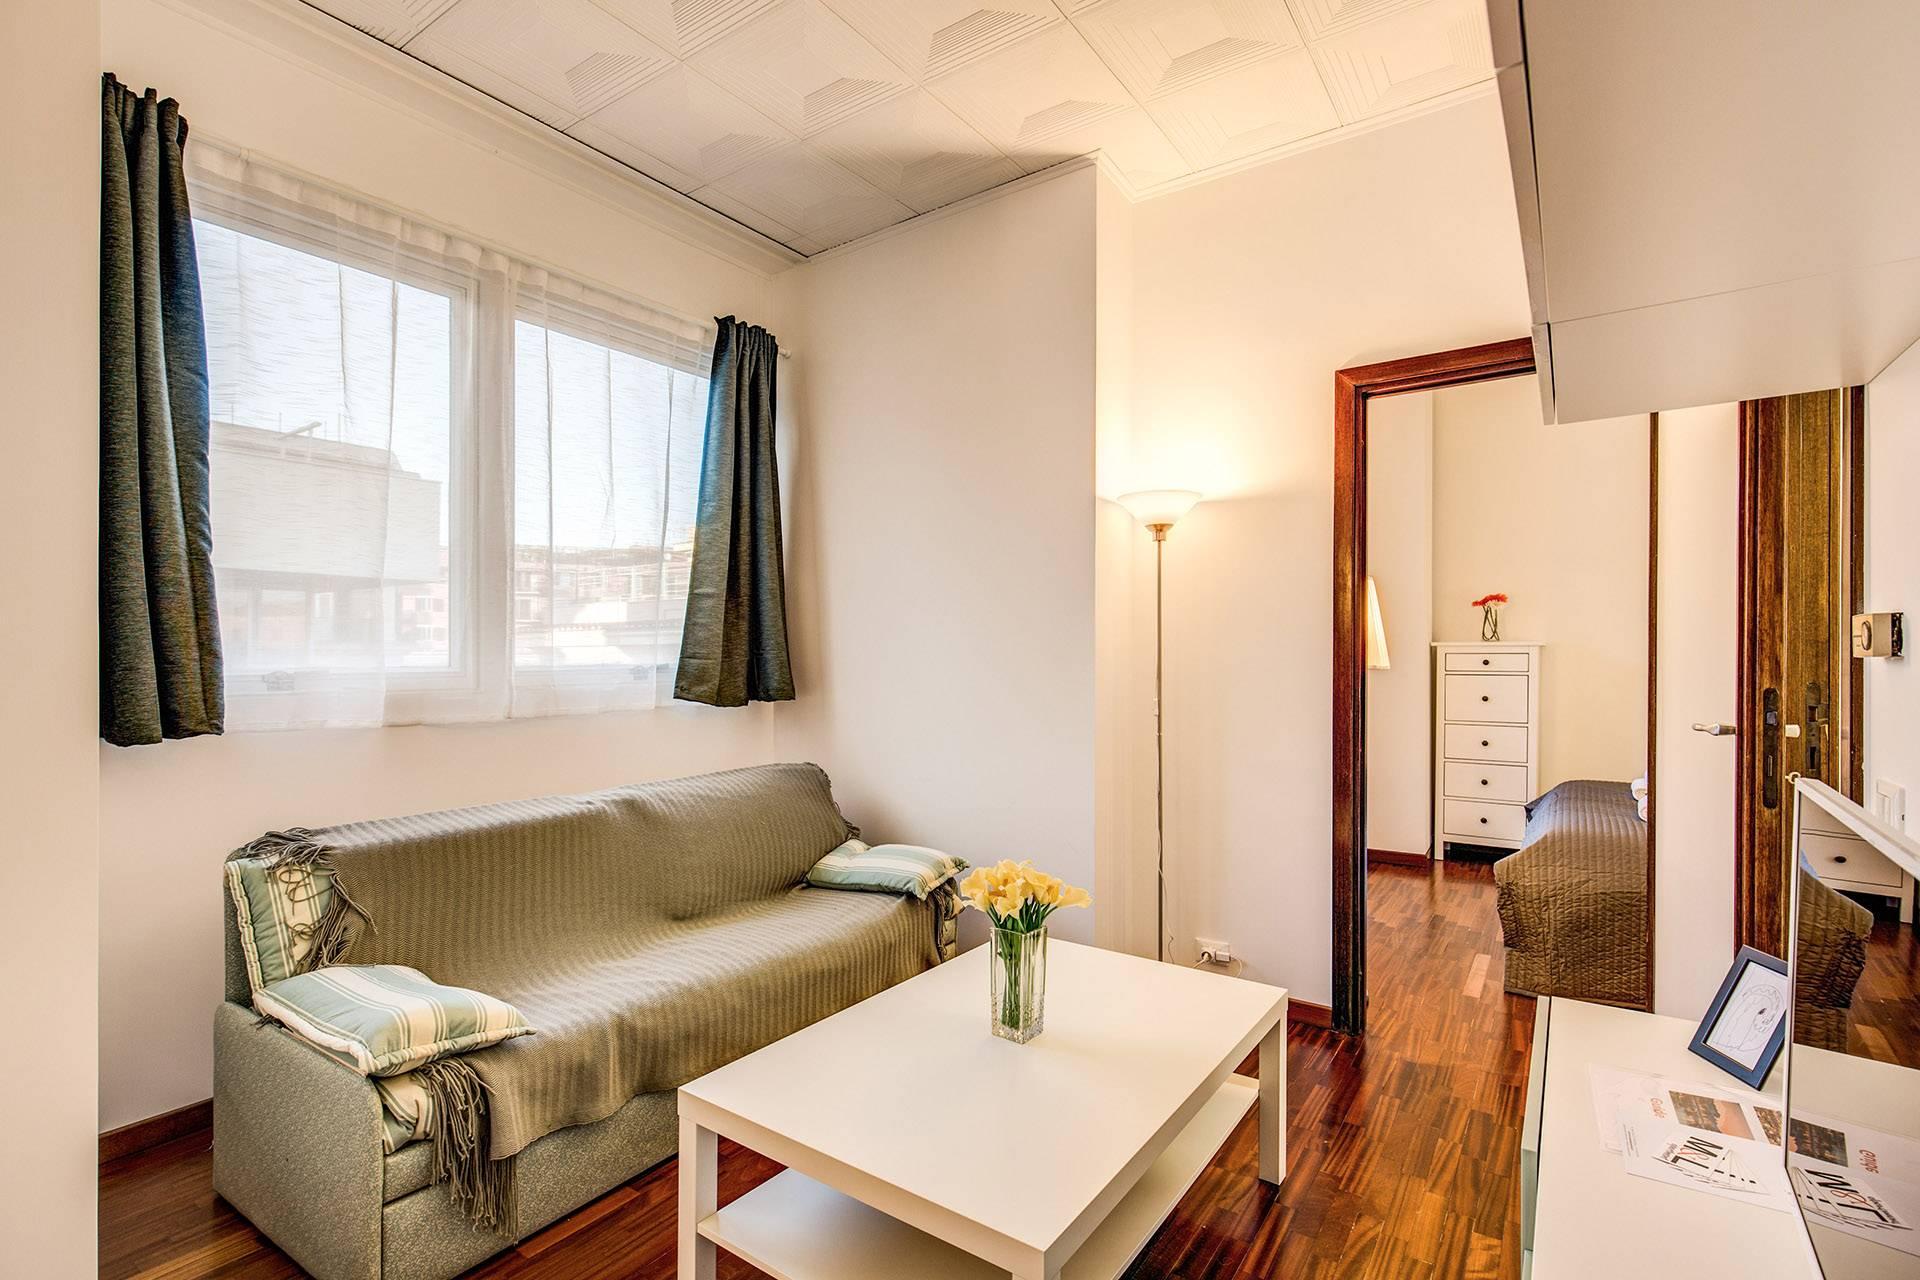 Как найти недорогое жилье в риме недели на две? - советы, вопросы и ответы путешественникам на трипстере